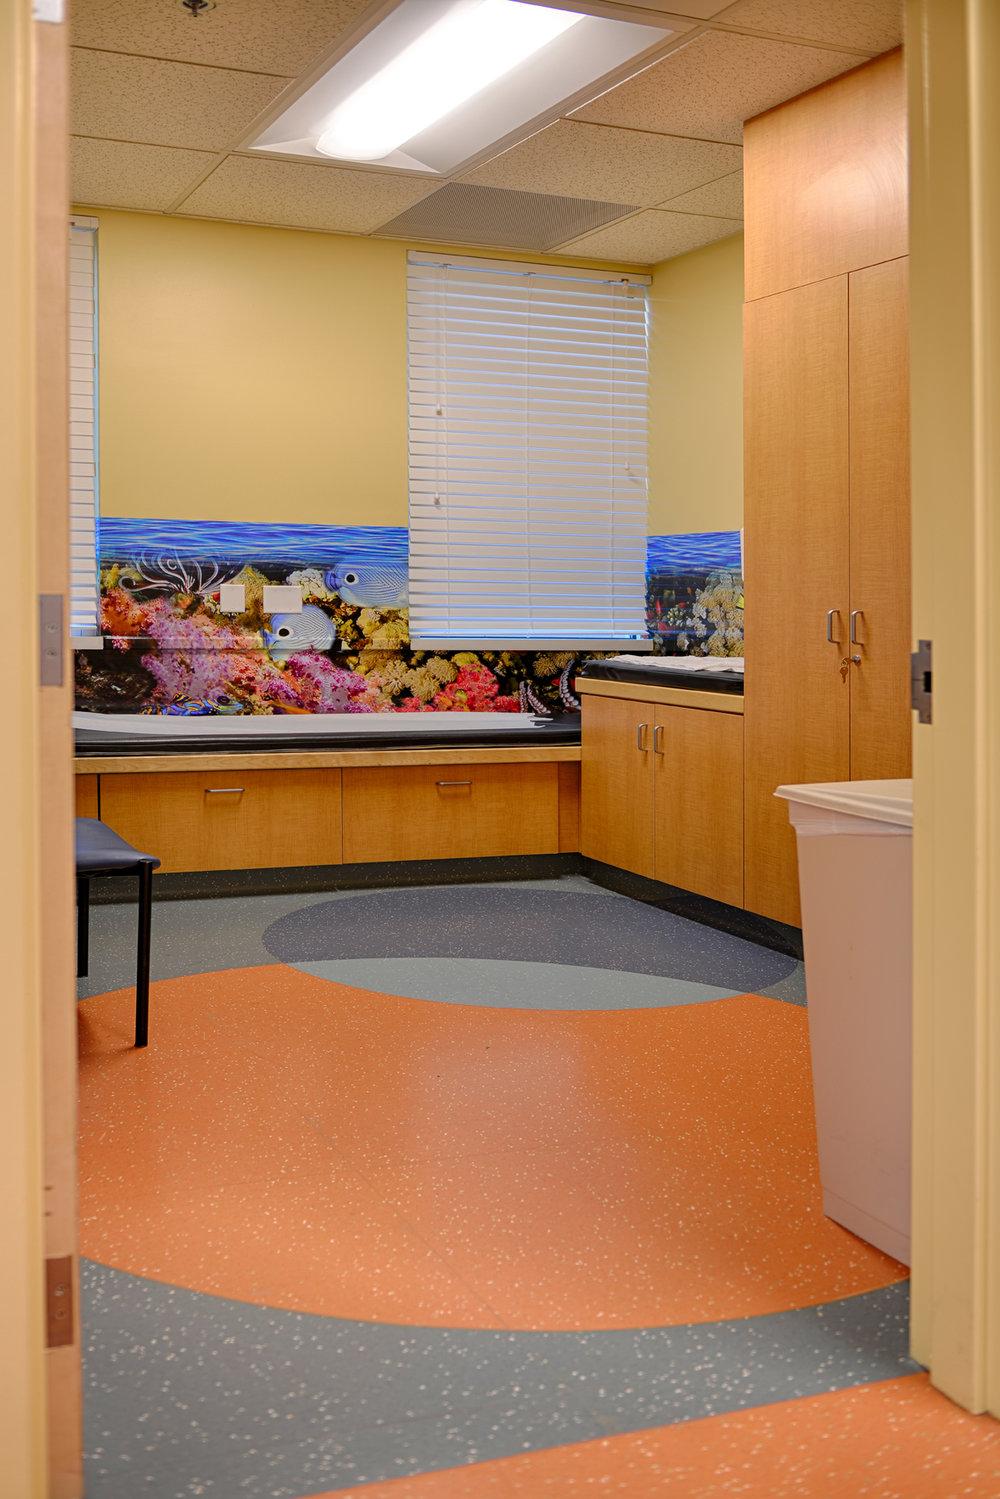 Kaiser FHC Lab - Exam Room HDR 1 - 72dpi.jpg